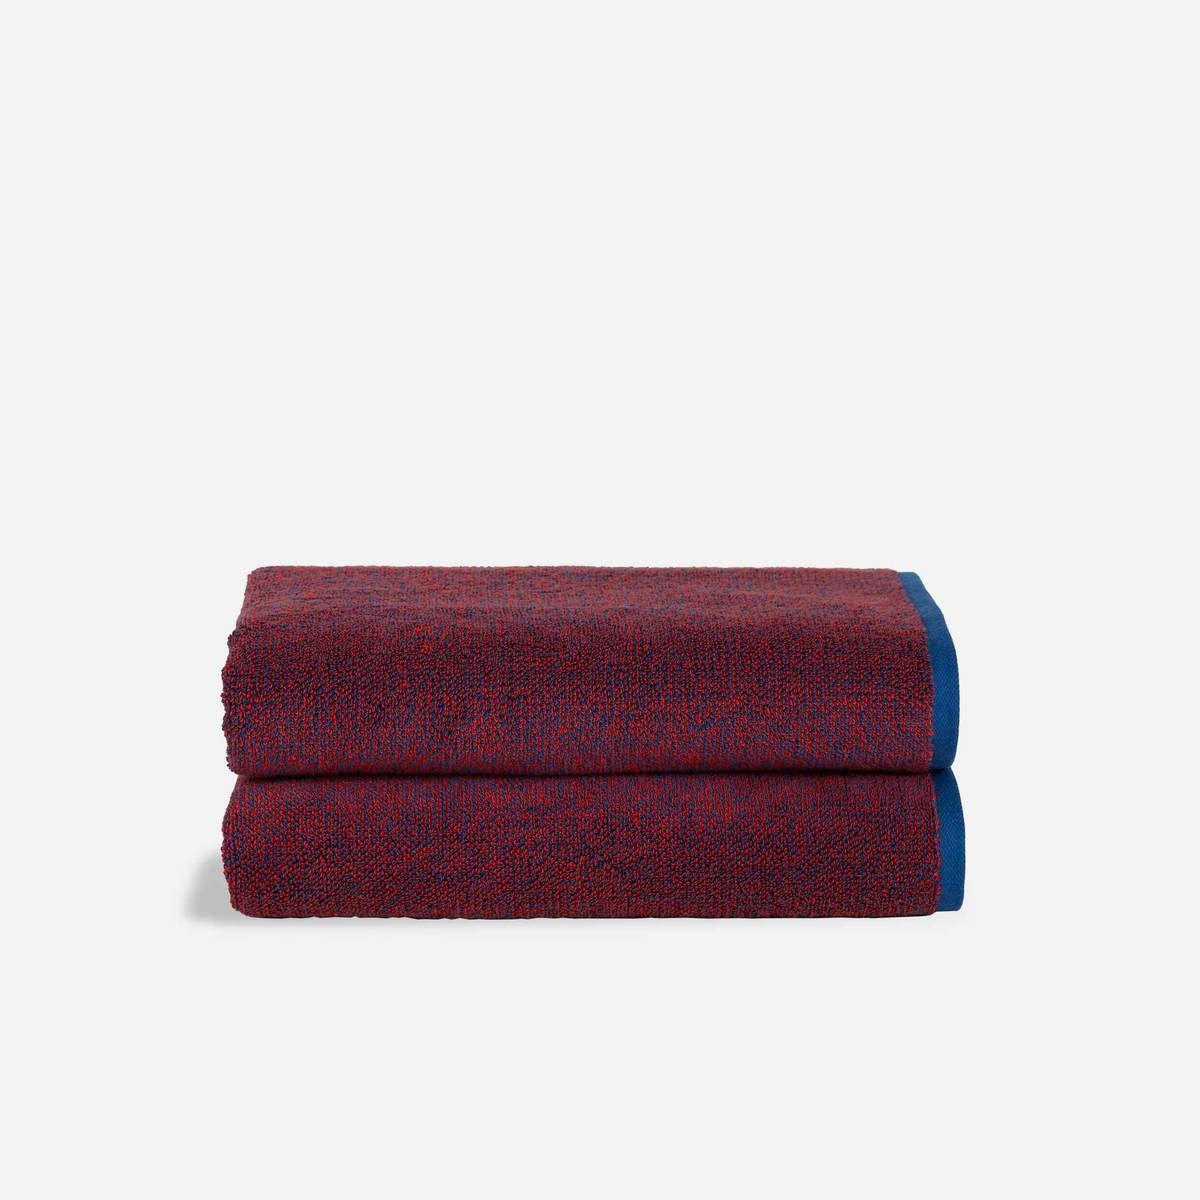 Brooklinen Super Plush towels